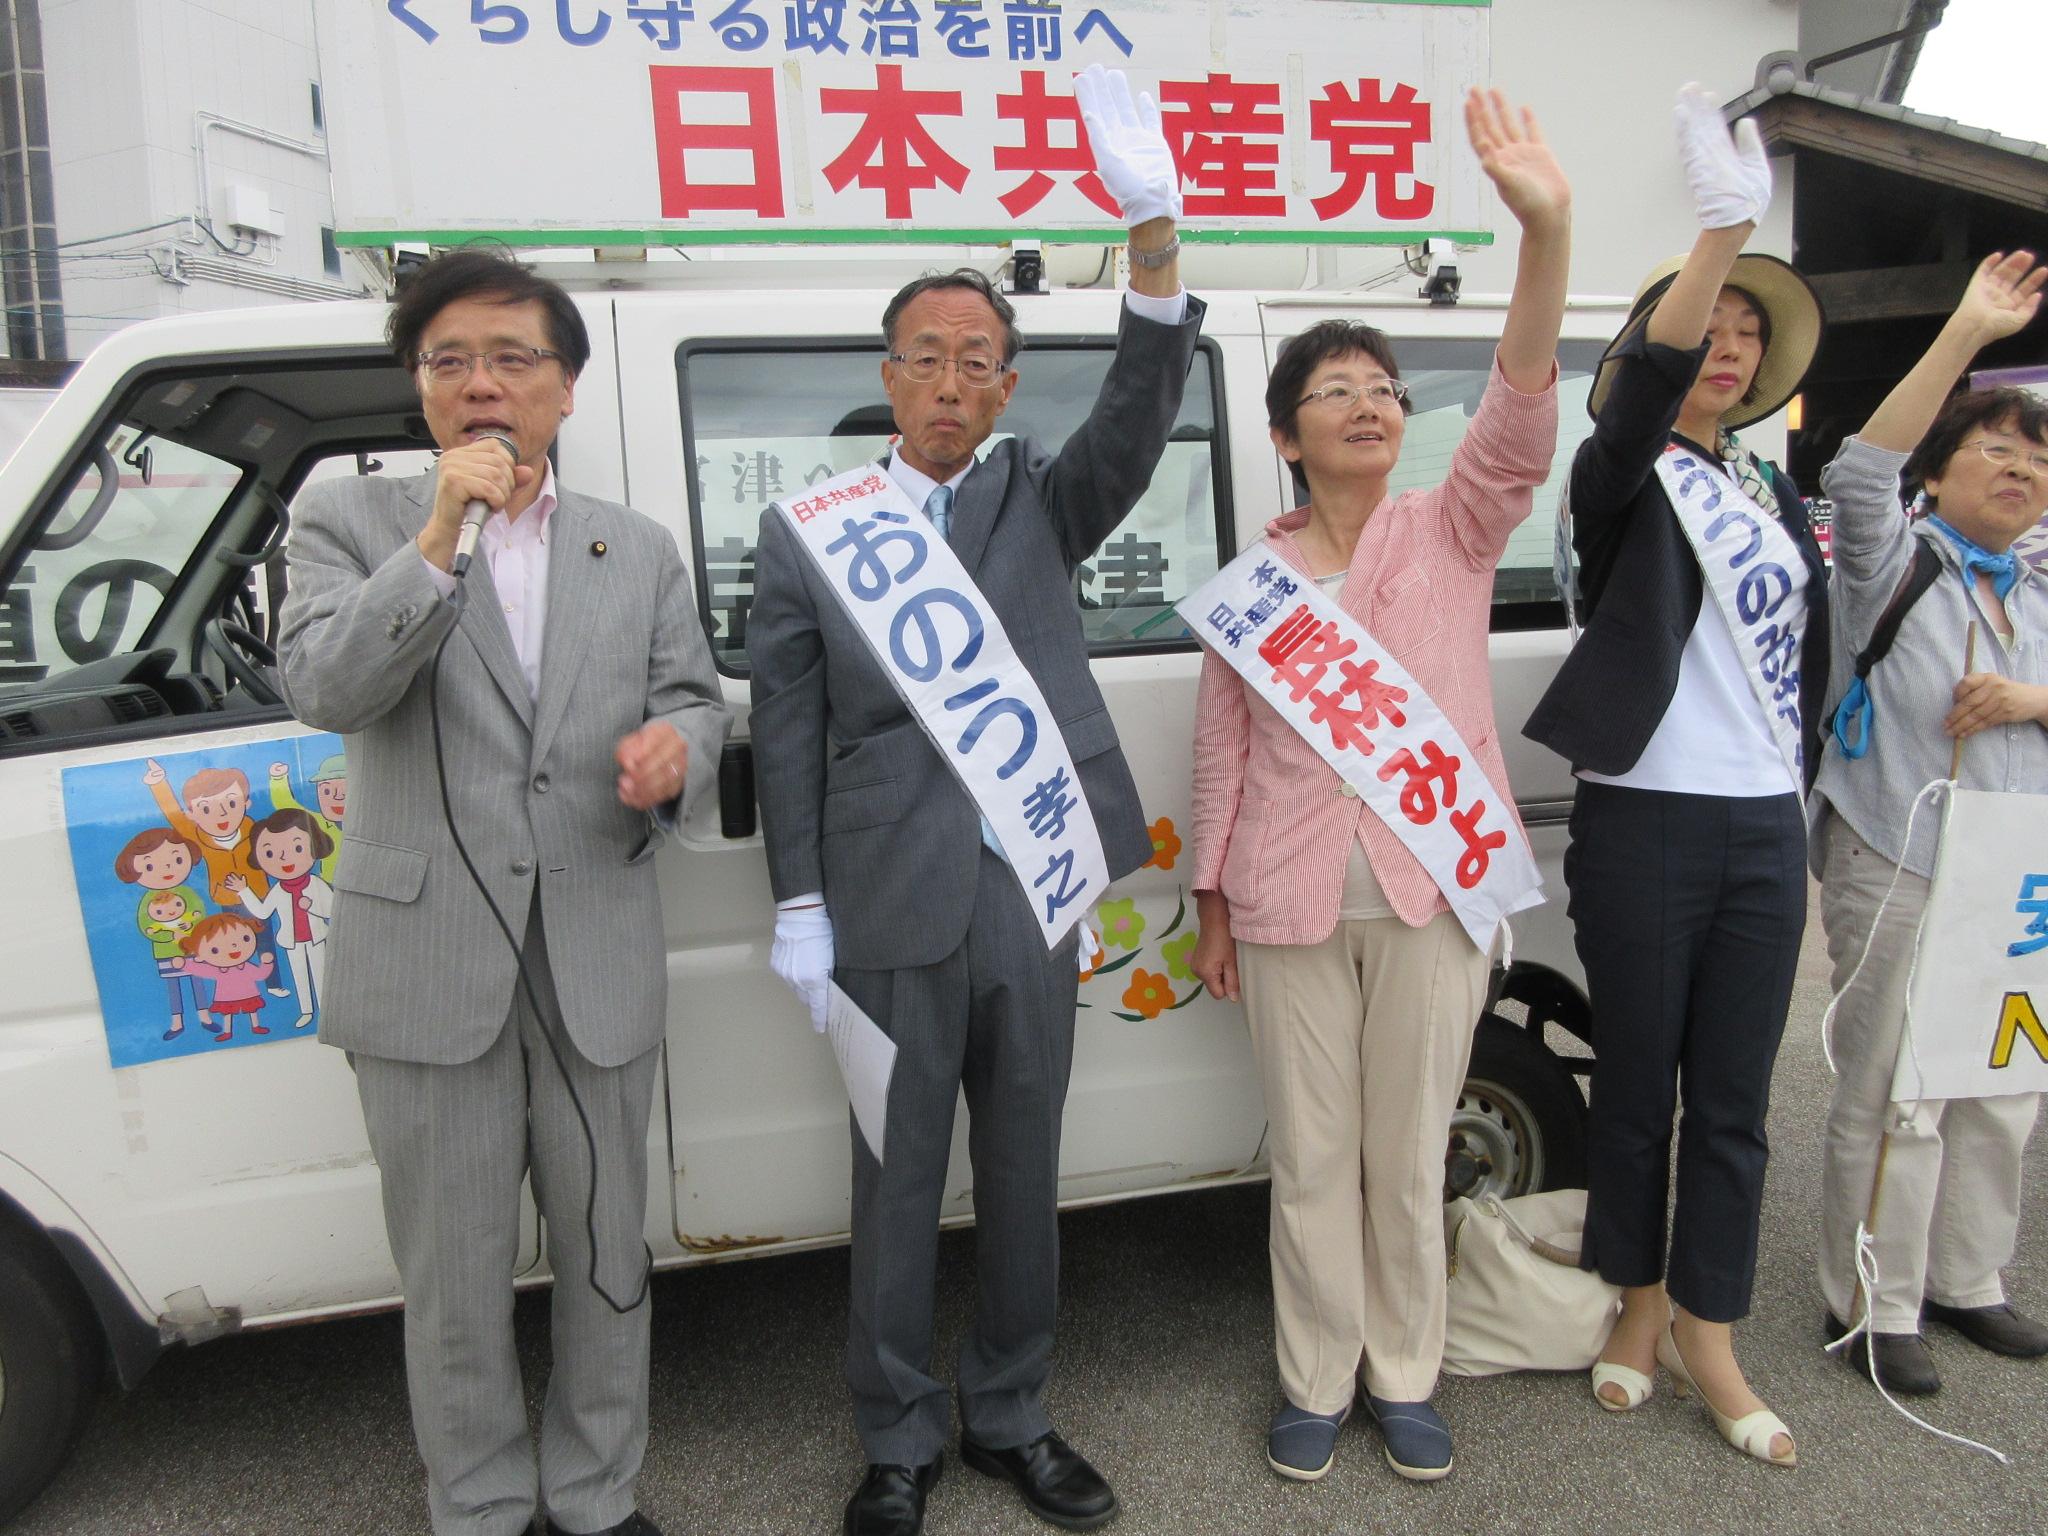 http://www.inoue-satoshi.com/diary/IMG_5455.JPG